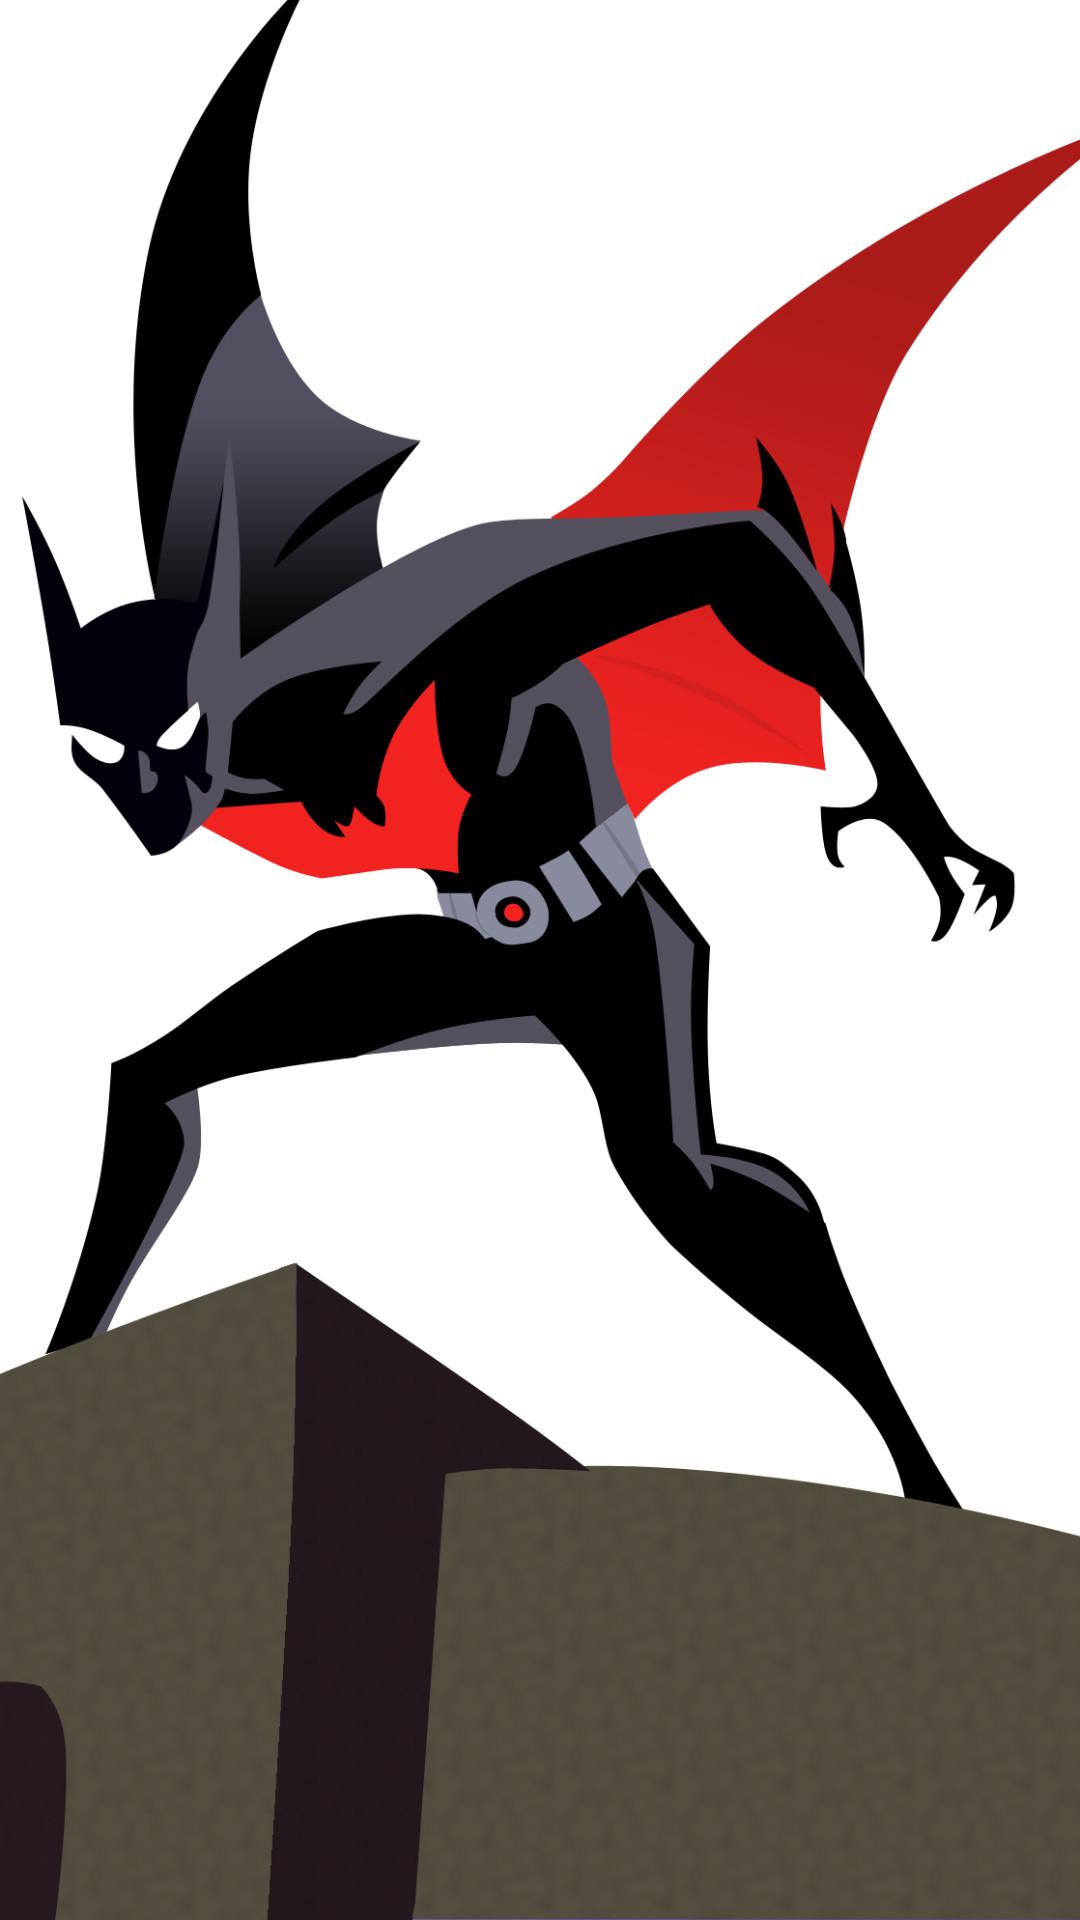 Batman Beyond Wallpaper for iPhone – WallpaperSafari